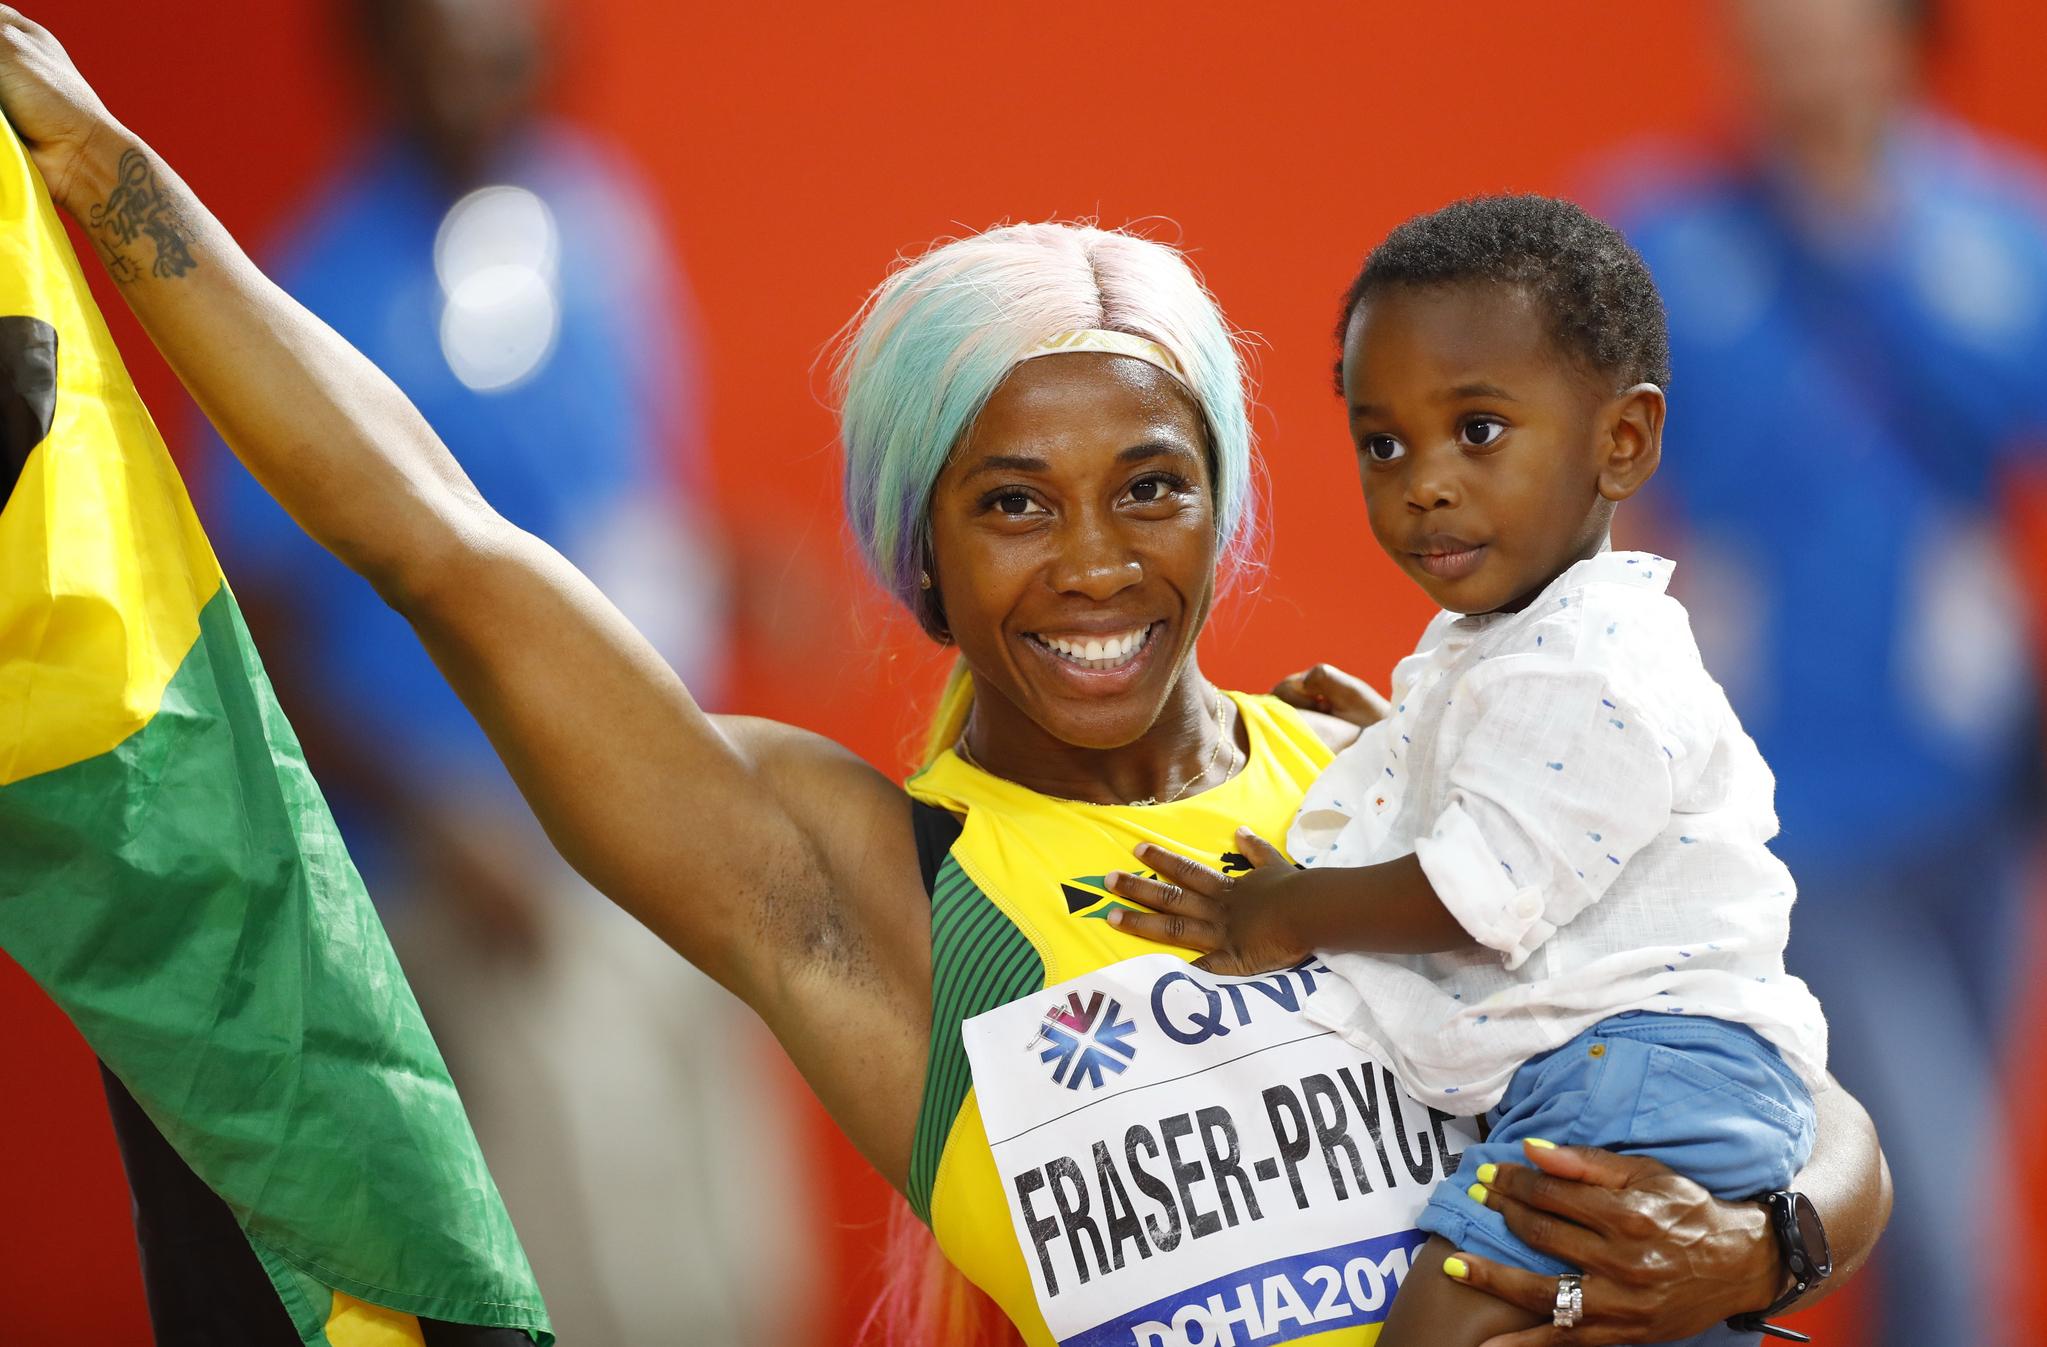 자메이카의 셸리 앤 프레이저-프라이스가 29일 여자 100m 결승에서 우승한 뒤 아들 지온을 안고 트랙을 돌고 있다. [REUTERS=연합뉴스]